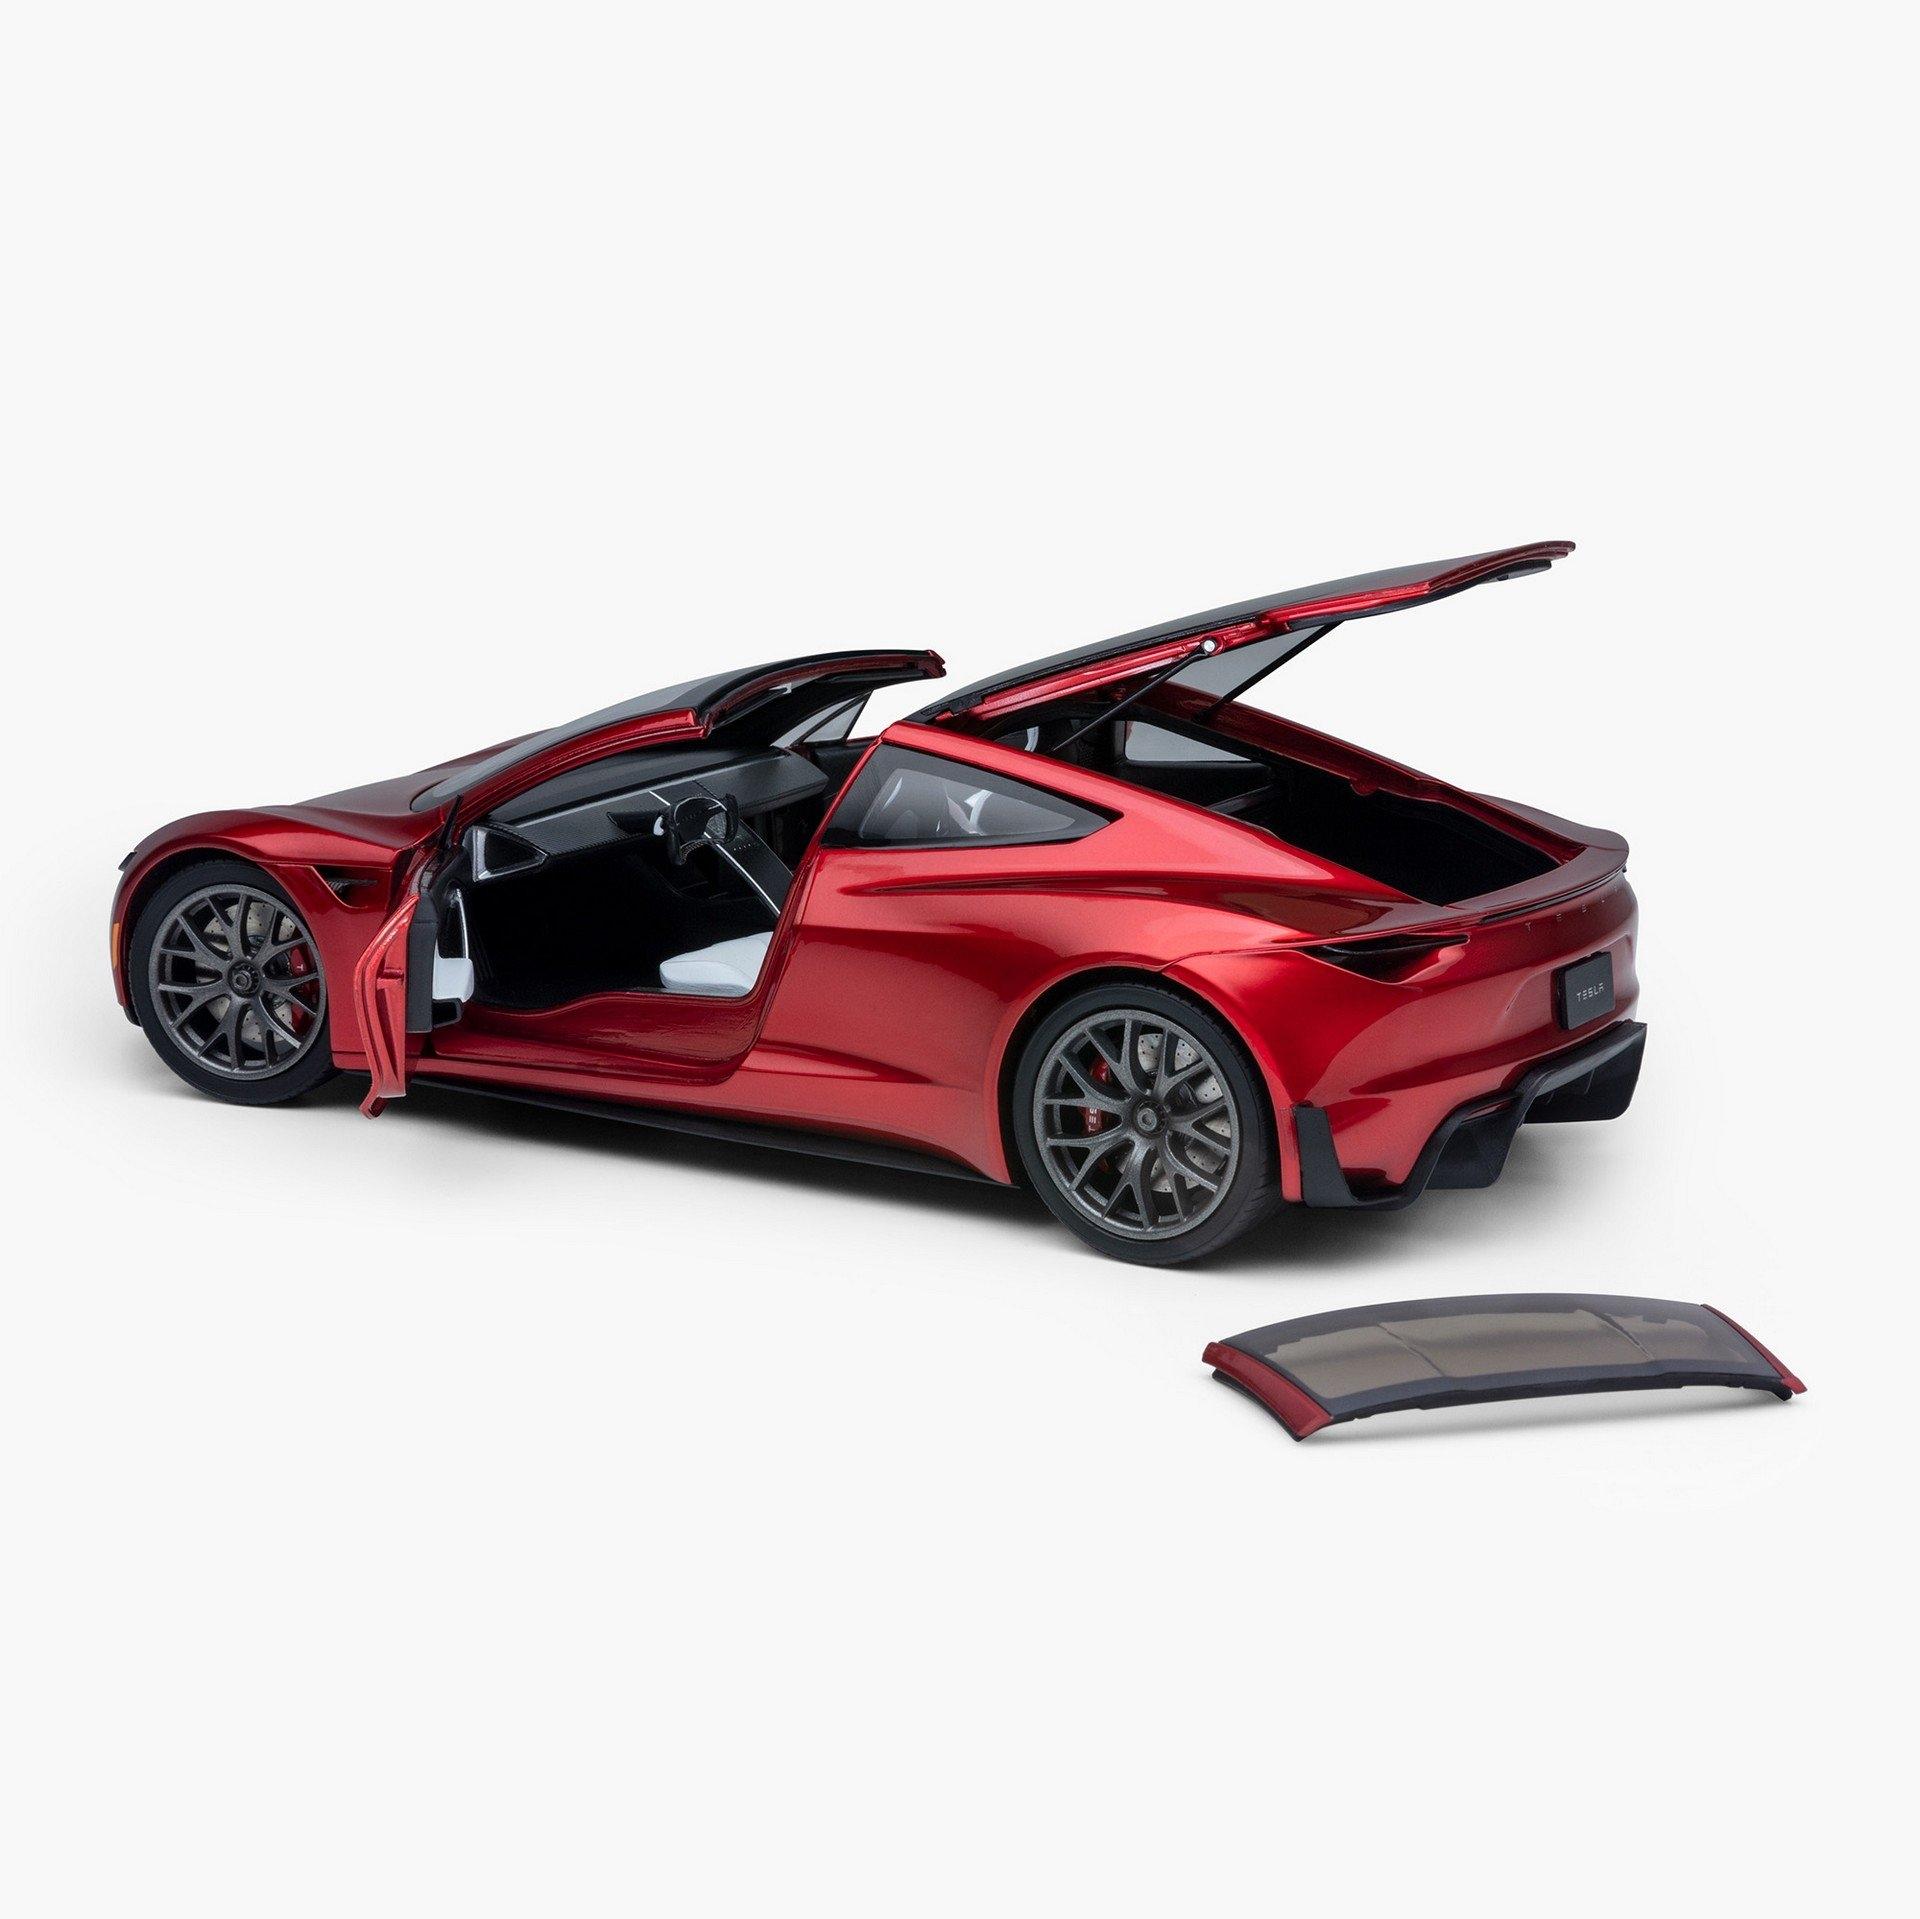 [Actualité] Tesla - Page 16 S0-la-tesla-roadster-finalement-lancee-en-miniature-610709